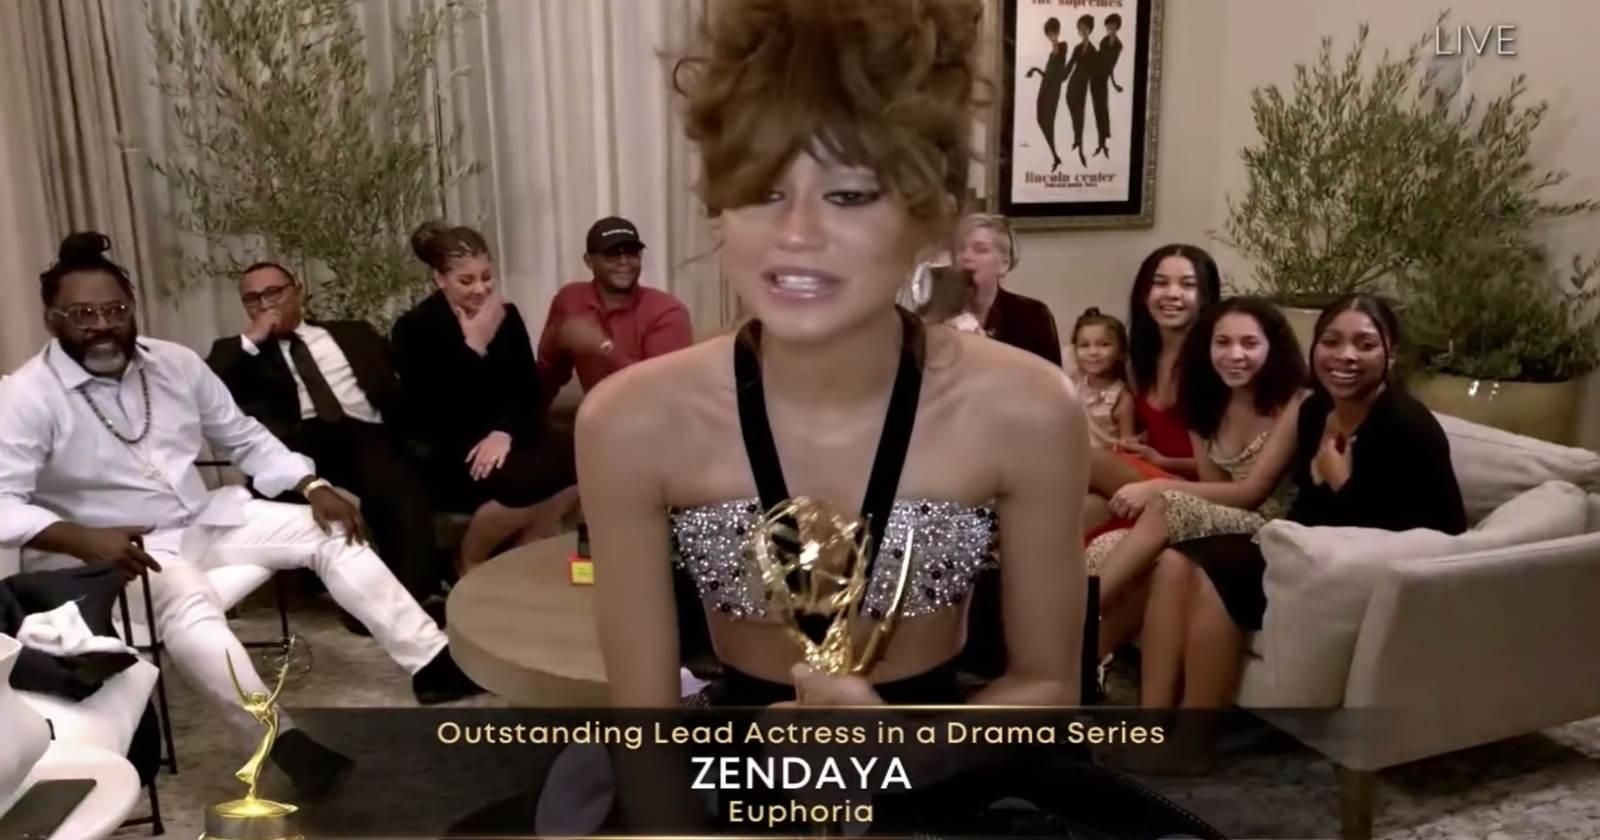 De la aclamada Shitt's Creek al récord de Zendaya: los ganadores de los premios Emmy 2020